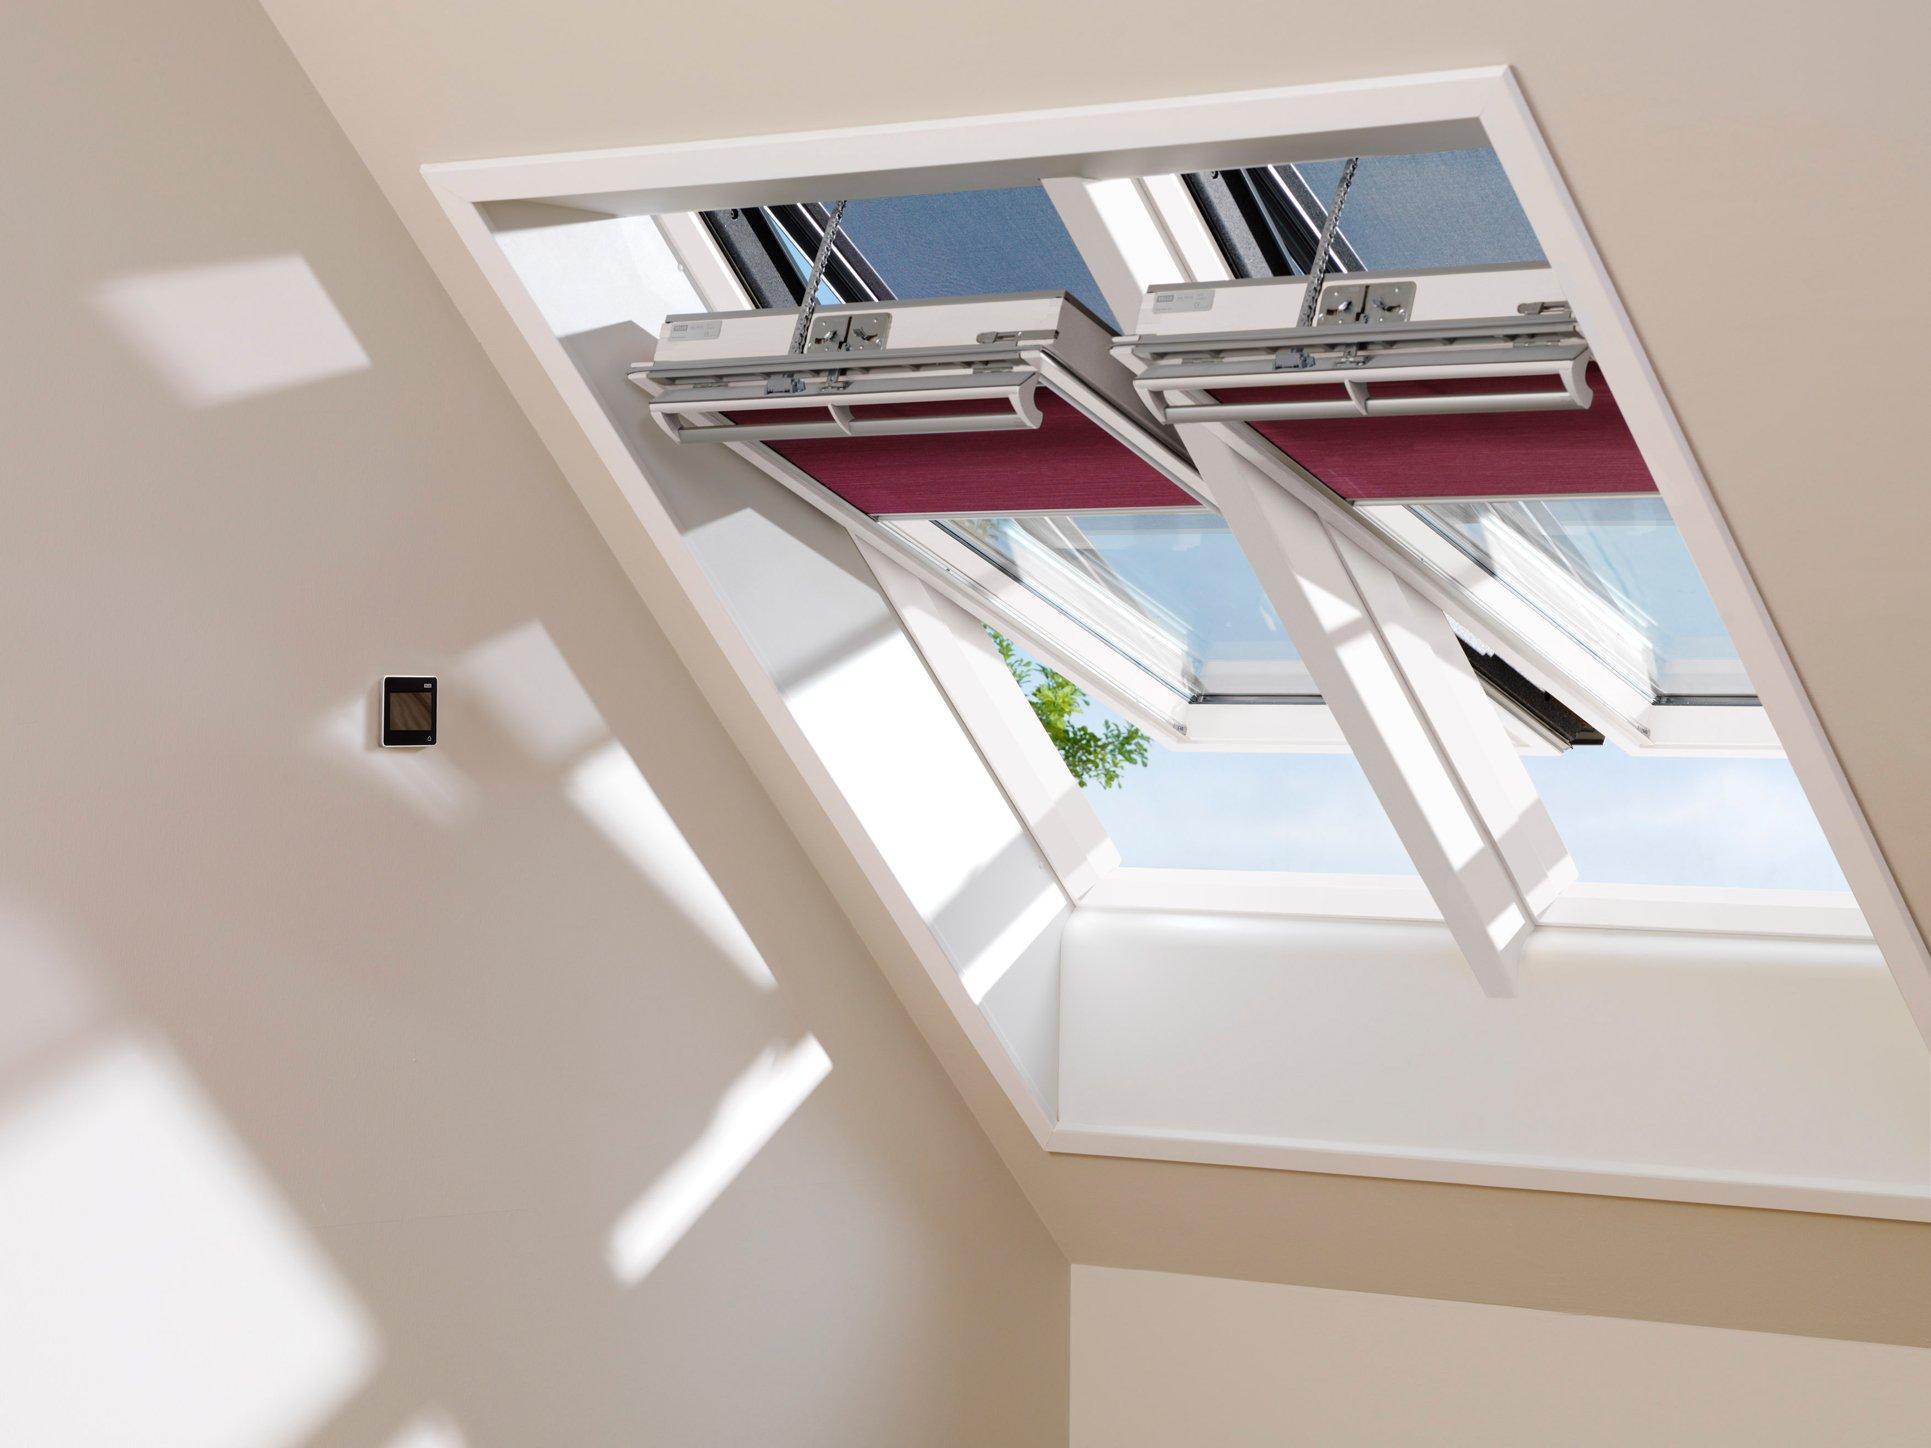 Casa più sicura se il tetto è anche garantito - Cose di Casa